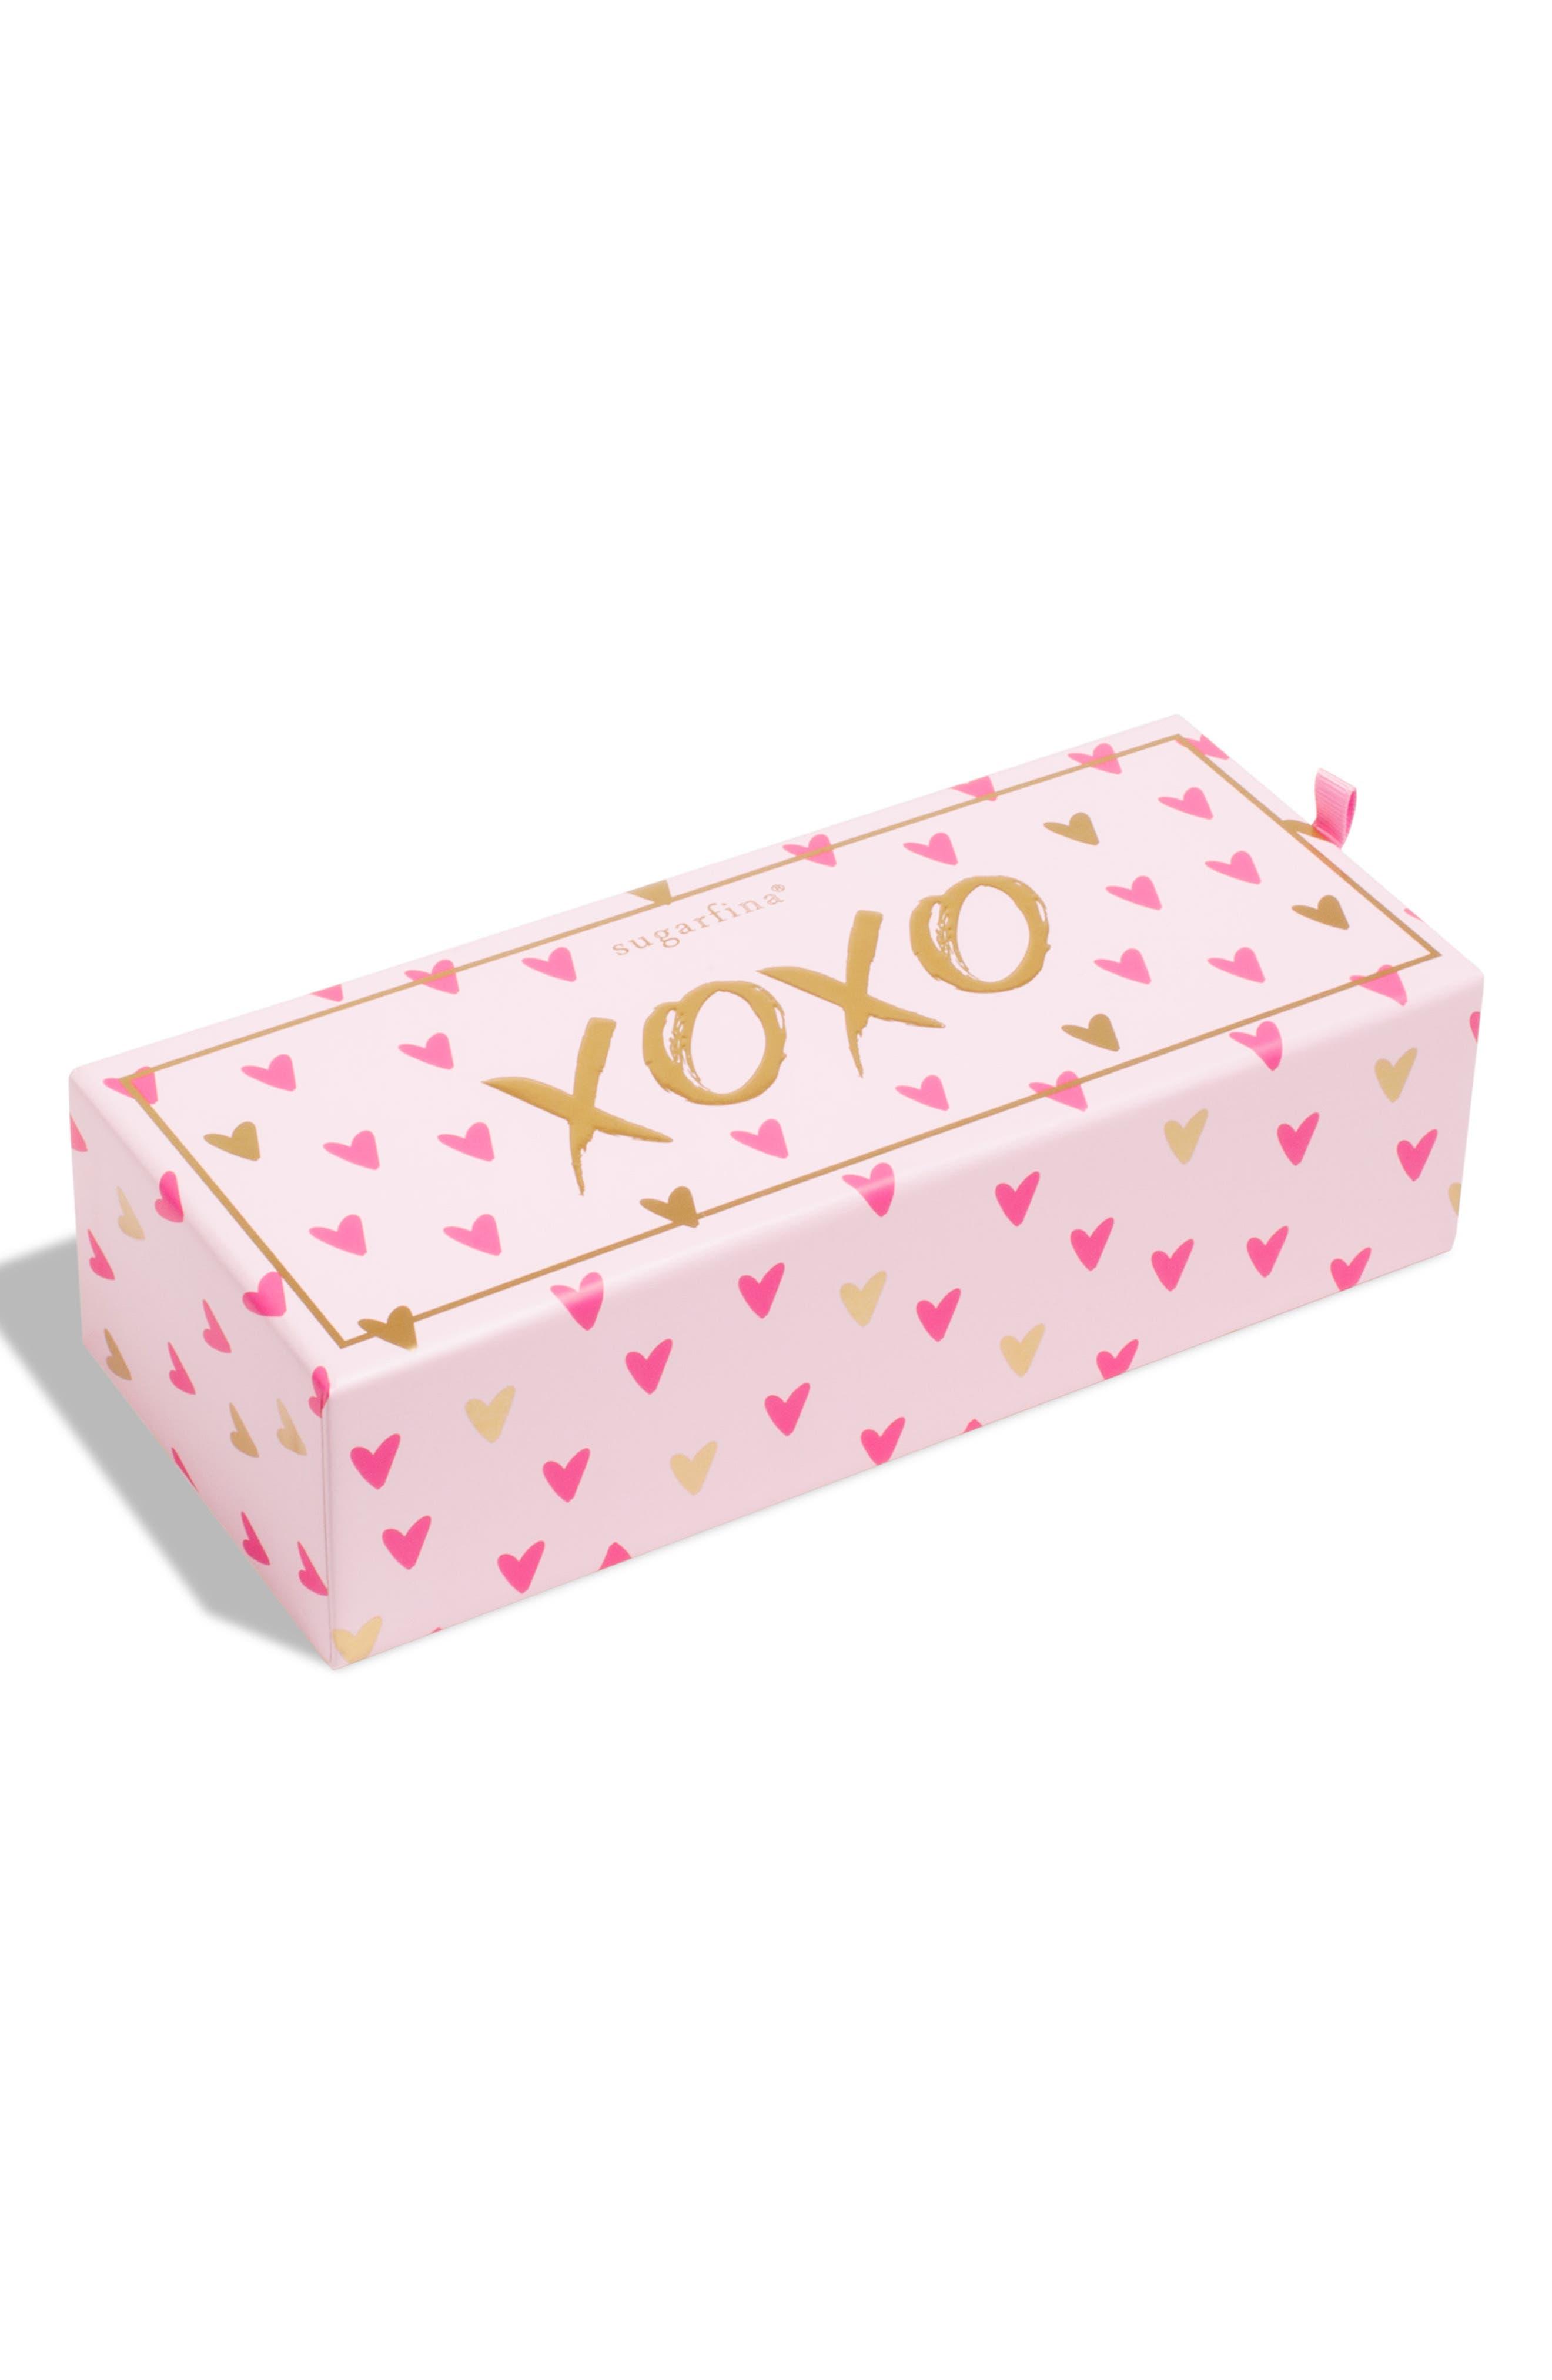 XOXO 3-Piece Candy Bento Box,                             Main thumbnail 1, color,                             PINK